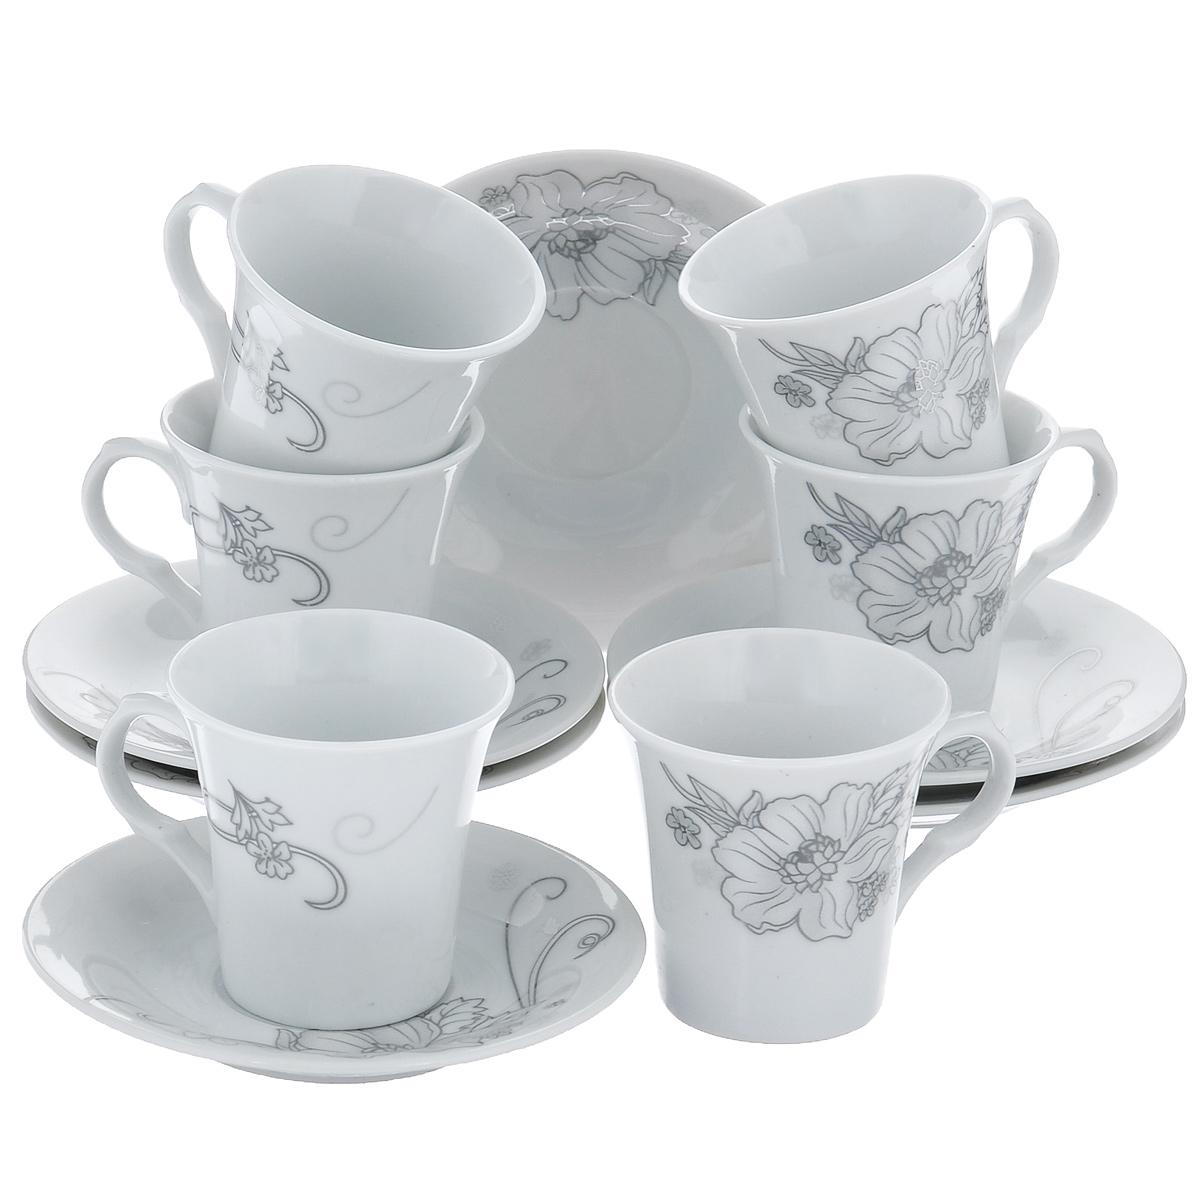 Набор кофейный Bekker, 12 предметов. BK-6814BK-6814Набор кофейный Bekker состоит из 6 чашек и 6 блюдец. Чашки и блюдца изготовлены из высококачественного фарфора с изображением цветов. Такой дизайн, несомненно, придется по вкусу и ценителям классики, и тем, ктопредпочитает утонченность и изящность.Набор кофейный на подставке Bekkerукрасит ваш кухонный стол, а также станет замечательным подарком к любому празднику.Набор упакован в подарочную коробку из плотного цветного картона. Внутренняя часть коробки задрапирована белой атласной тканью, и каждый предмет надежно крепится в определенном положении благодаря особымвыемкам в коробке.Можно мыть в посудомоечной машине.